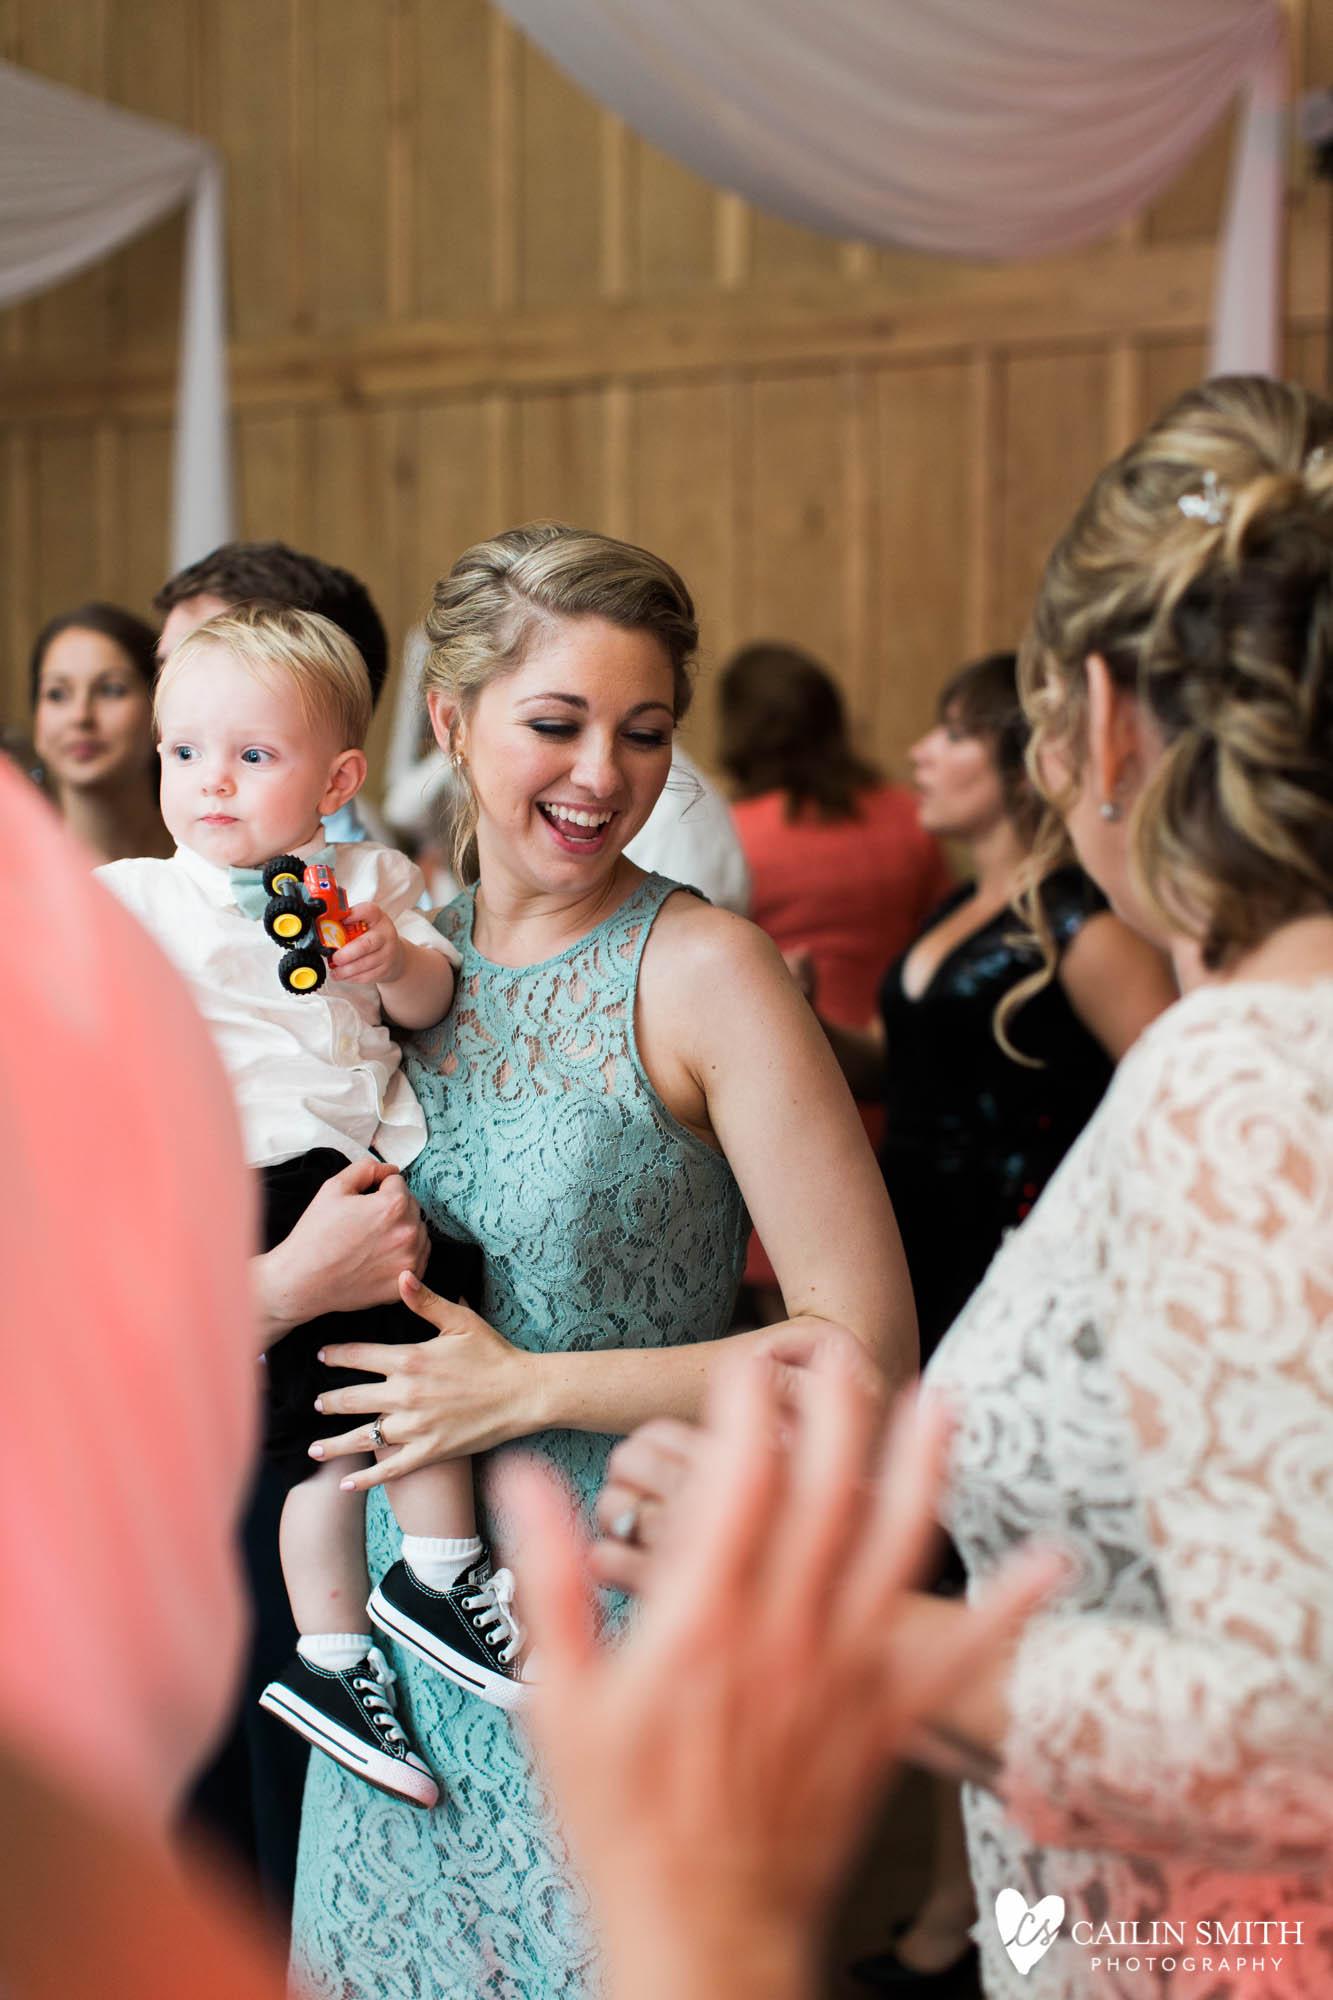 Bethany_Kyle_Bowing_Oaks_Plantation_Wedding_Photography_0114.jpg